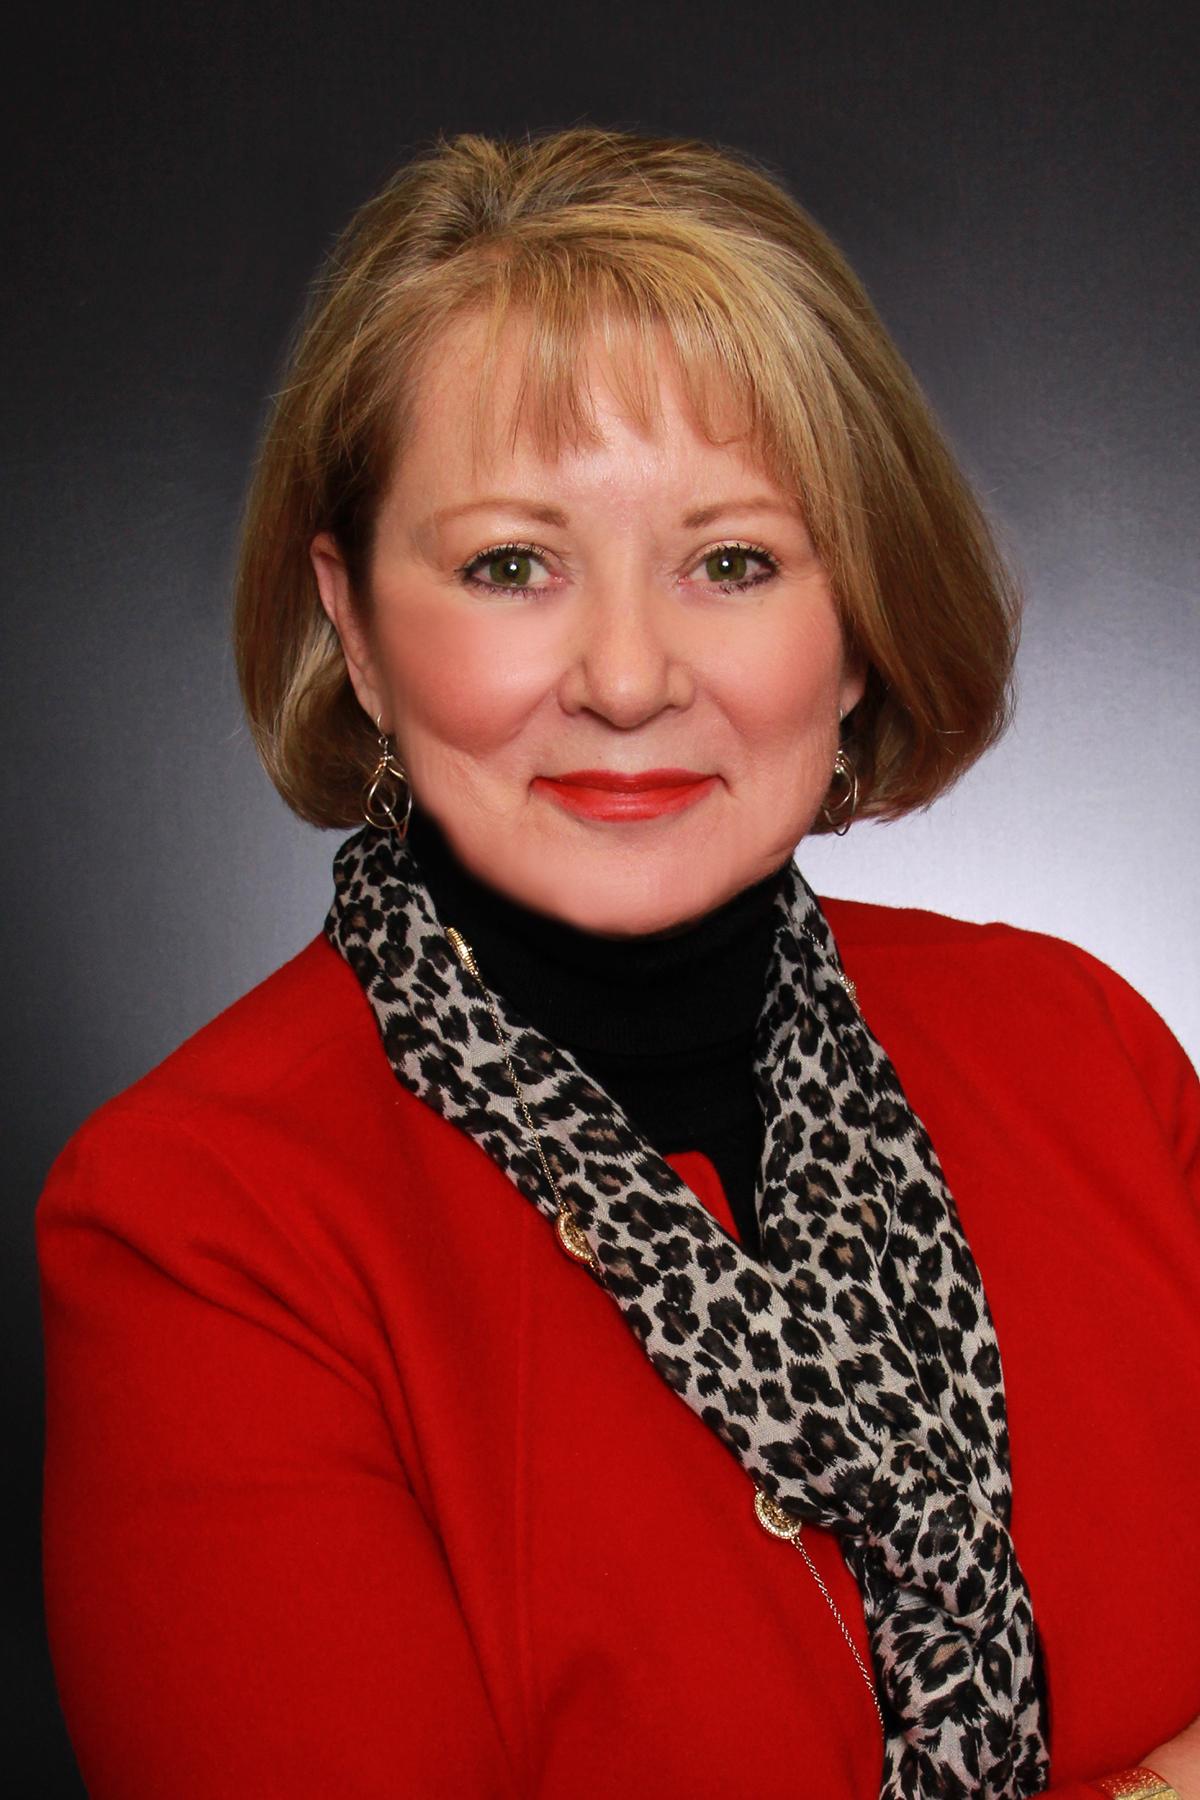 Lynne Bozeman